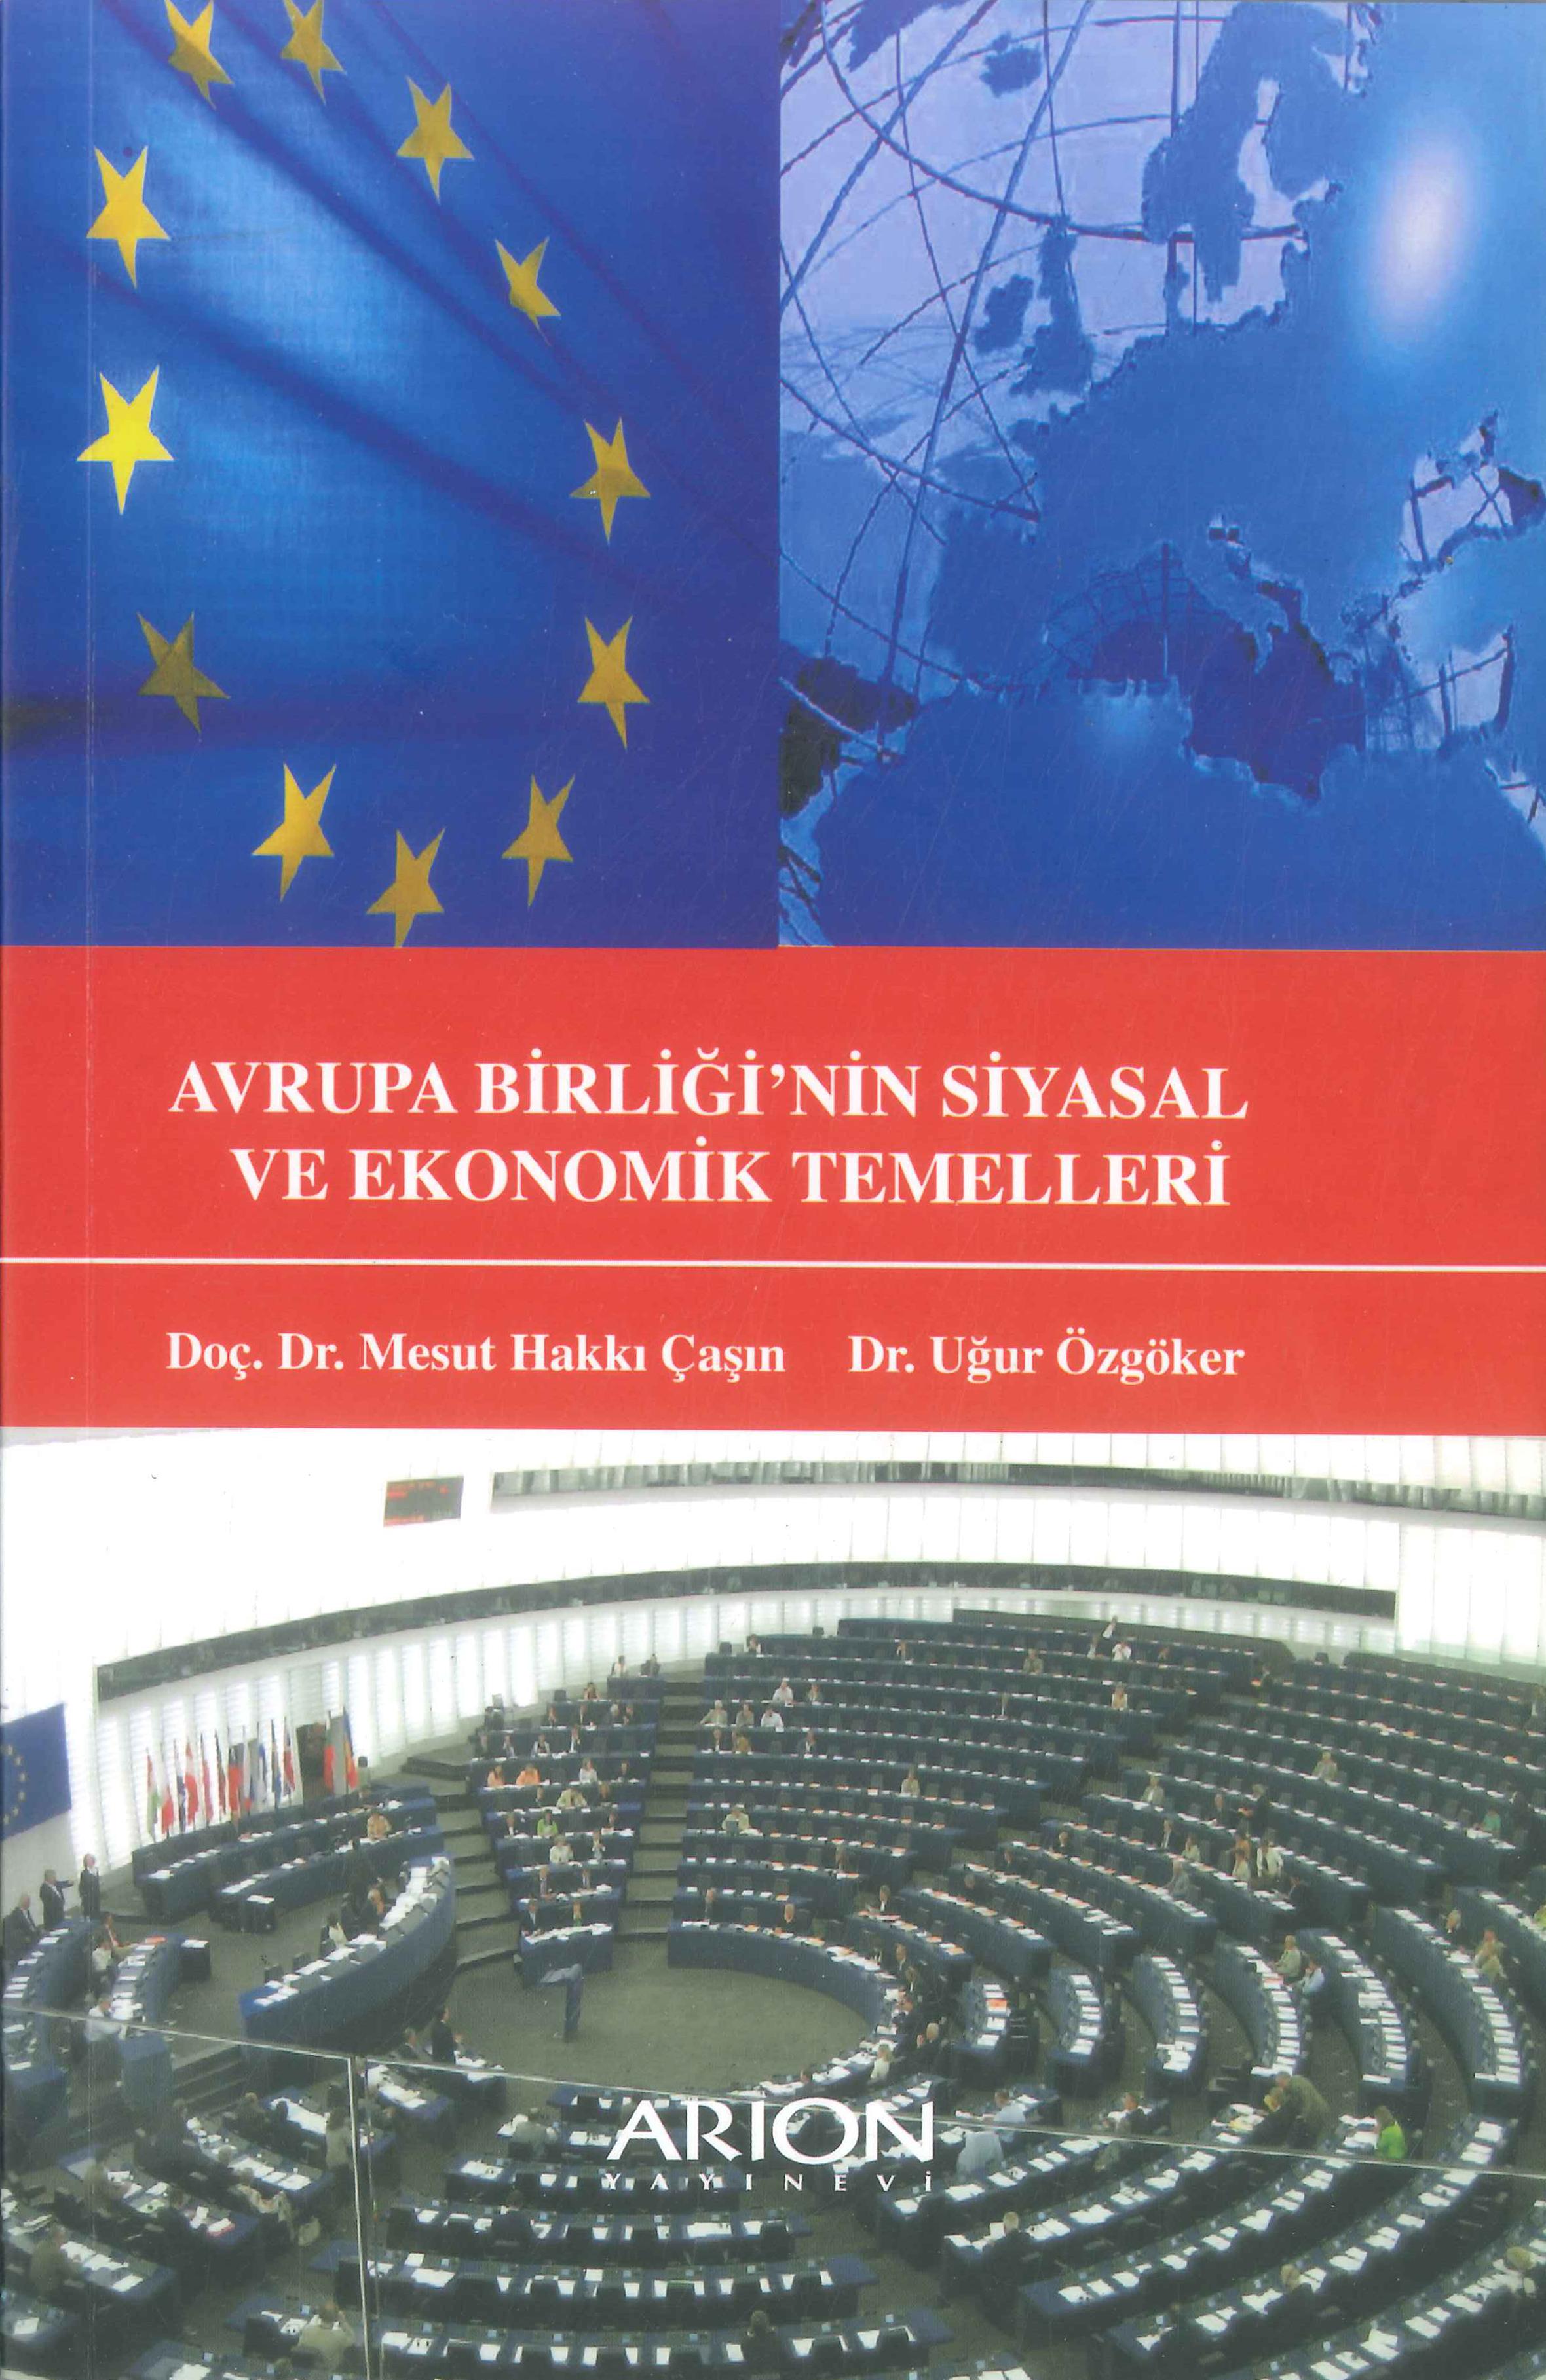 Avrupa Birliği'nin Siyasal ve Ekonomik Temelleri